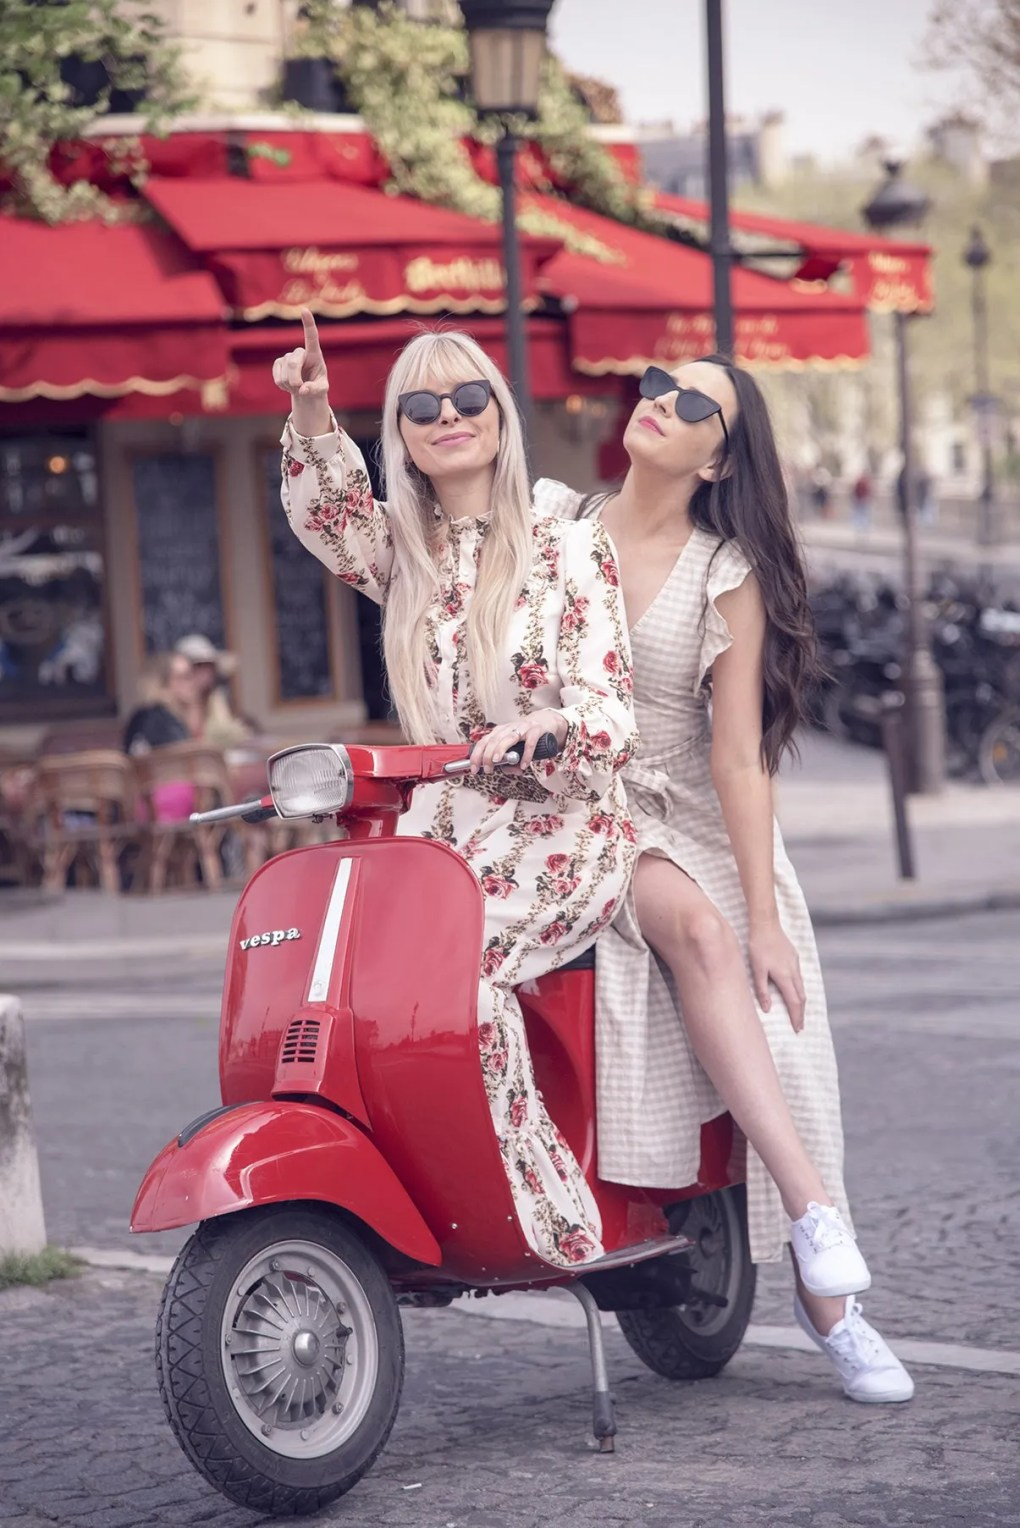 Parijs bezoeken met vespa